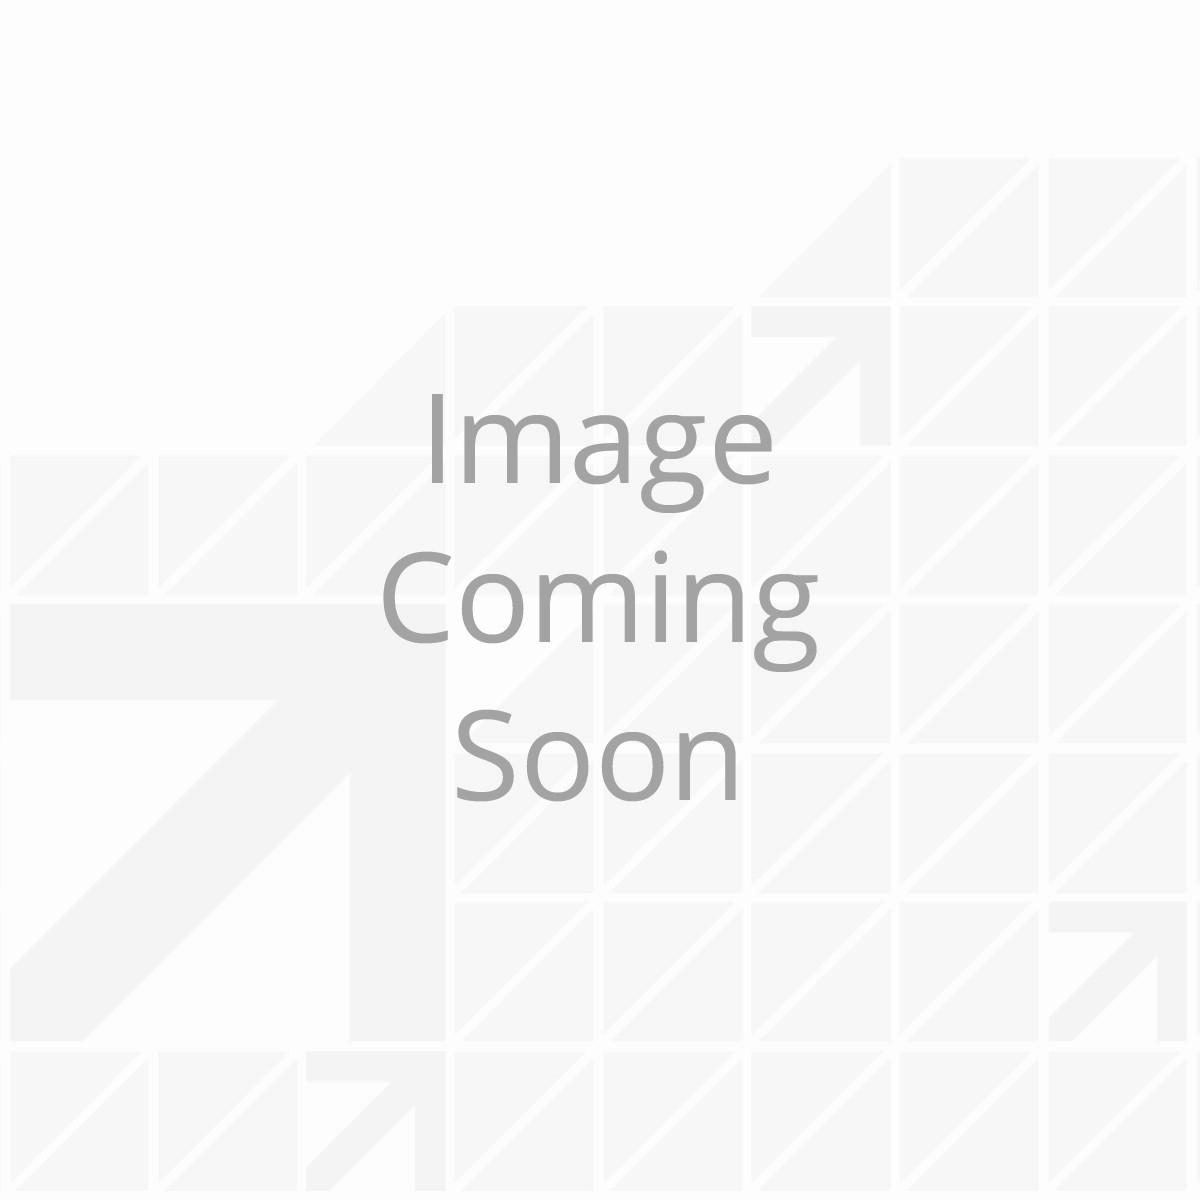 Jack Leg LW Leveling Jack (6K) (500730)